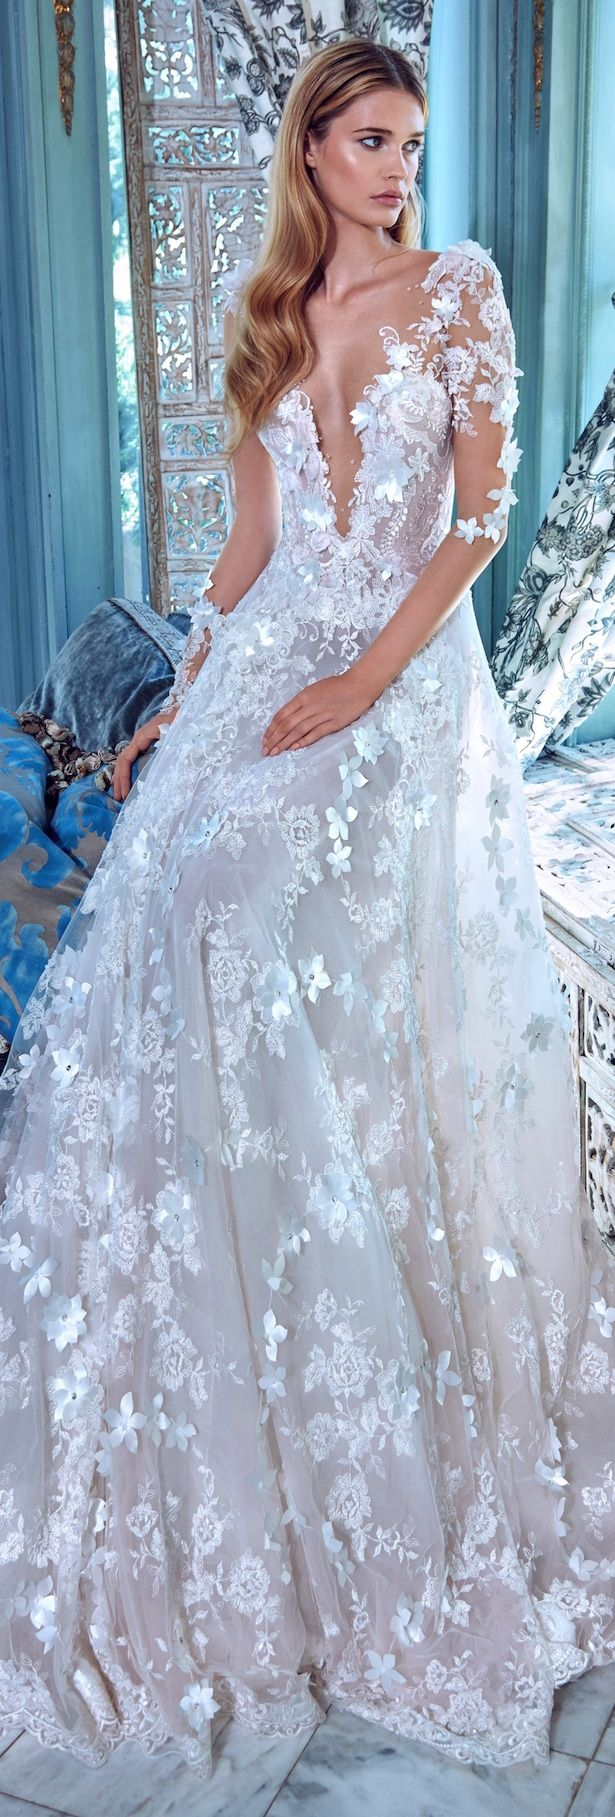 Galia Lahav Spring 2017 Collection - Le Secret Royal   Vestidos de ...